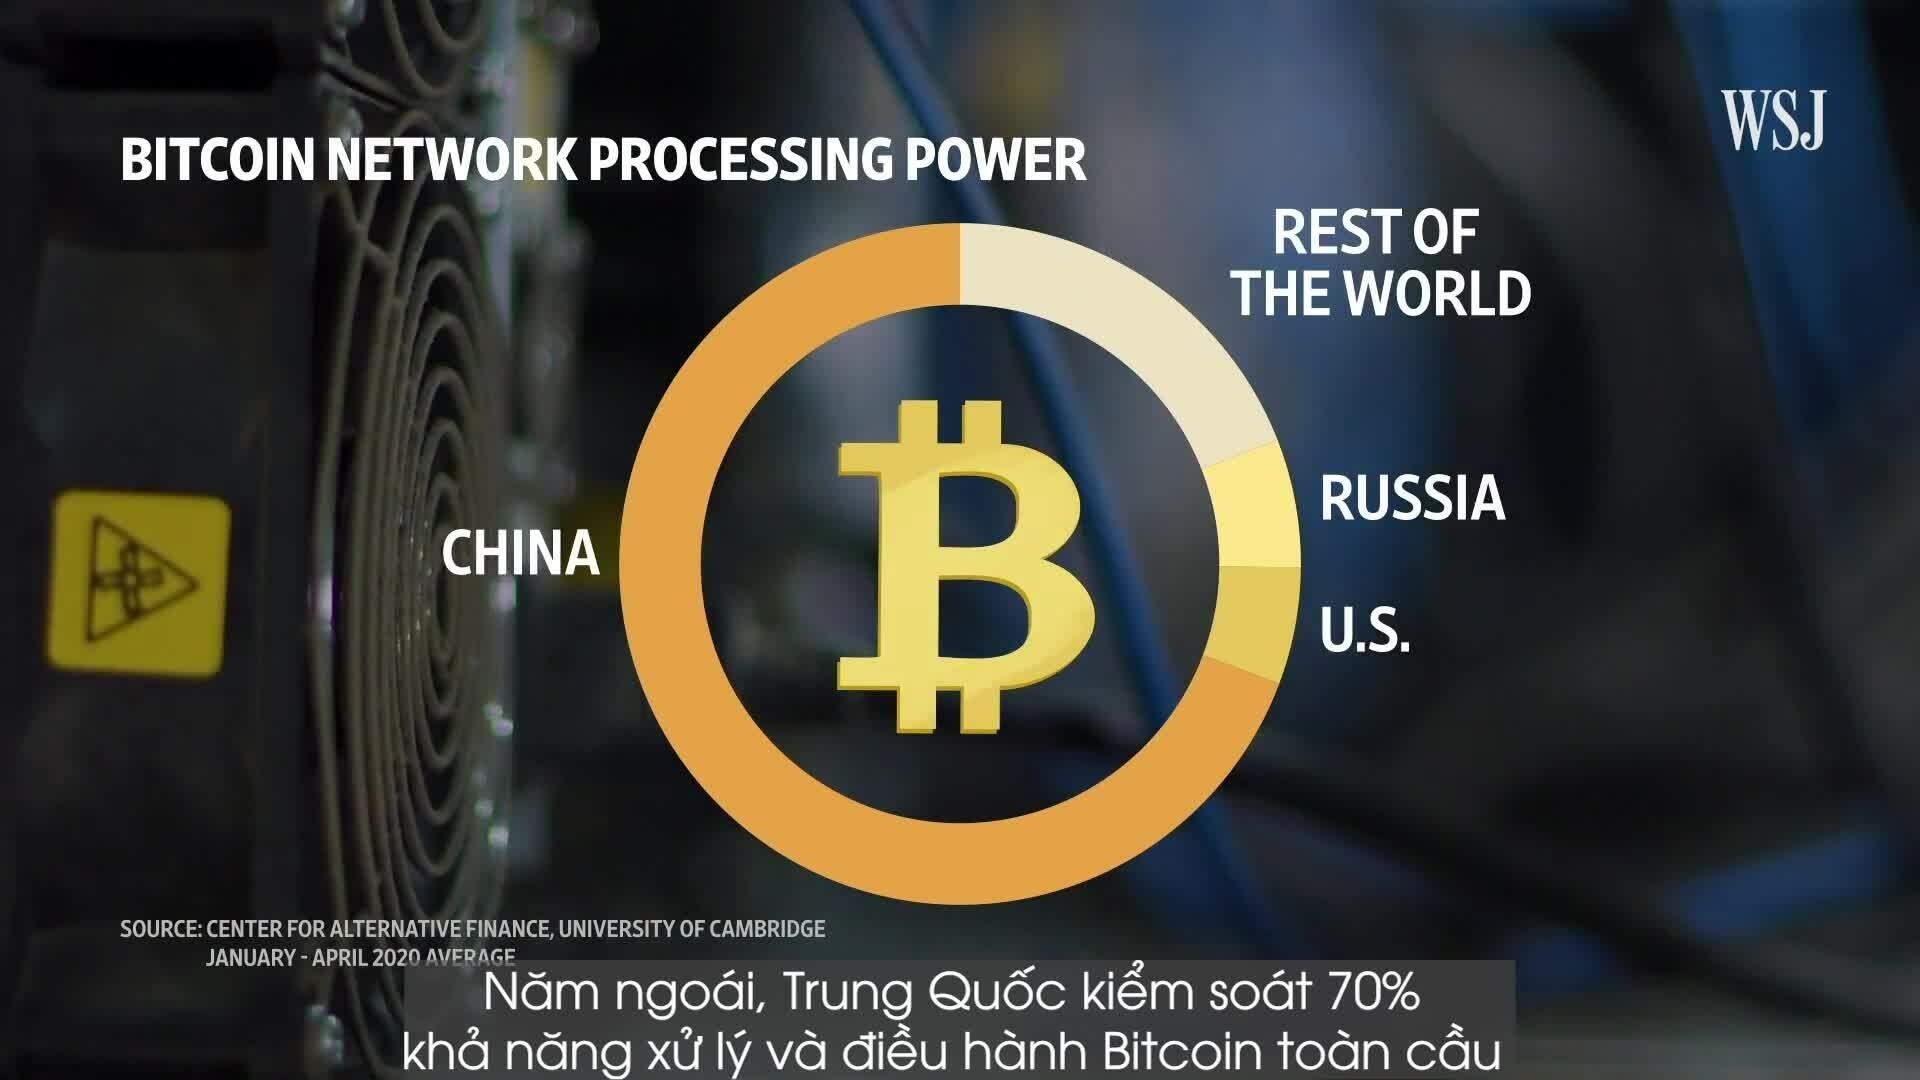 Cuộc chiến khai thác Bitcoin giữa Trung Quốc và Mỹ